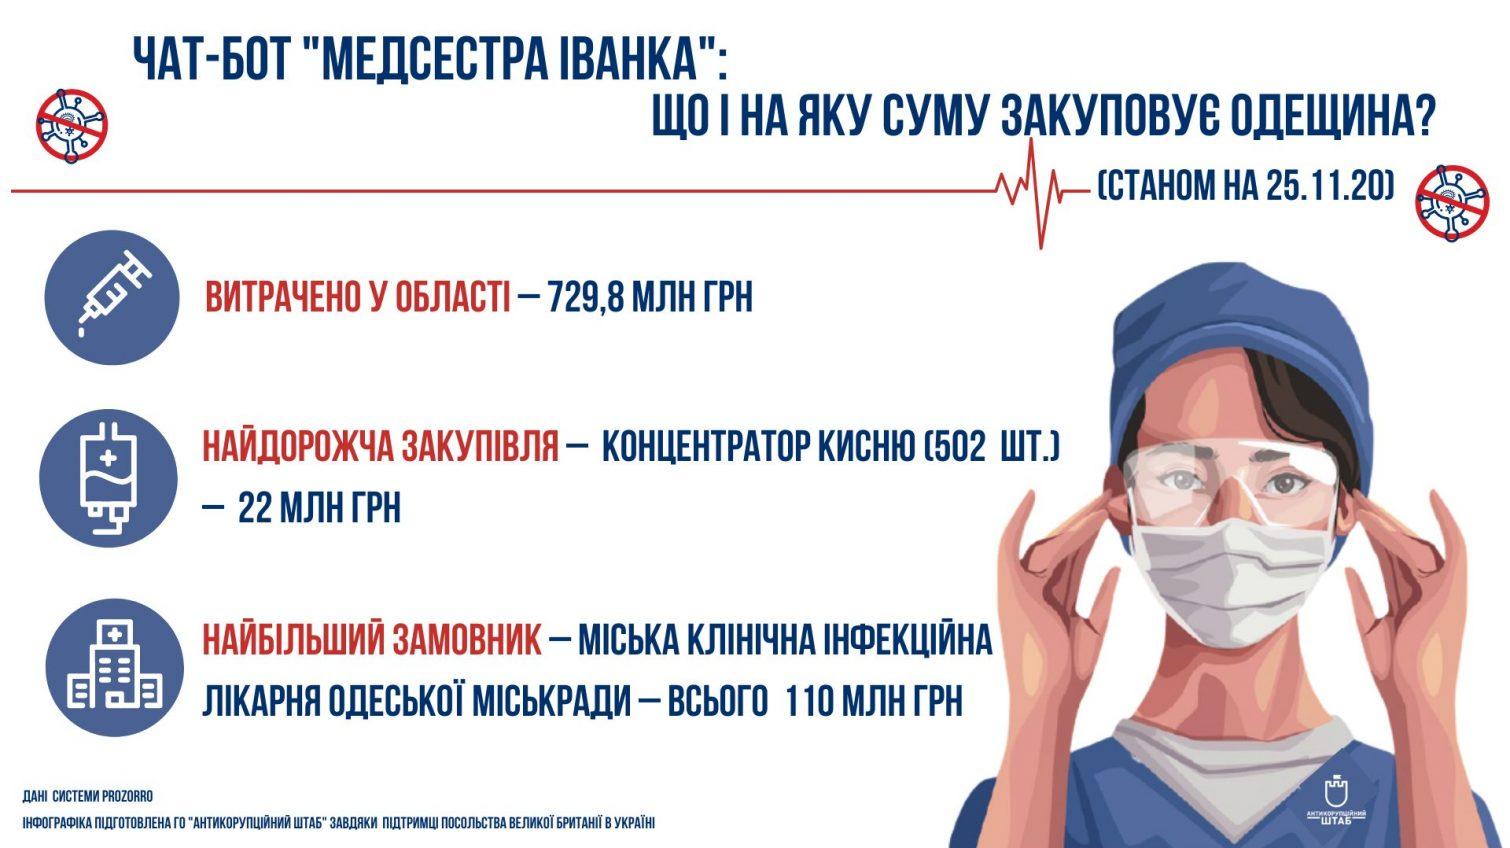 Одесситы могут жаловаться на коррупцию «Медсестре Иванке» «фото»